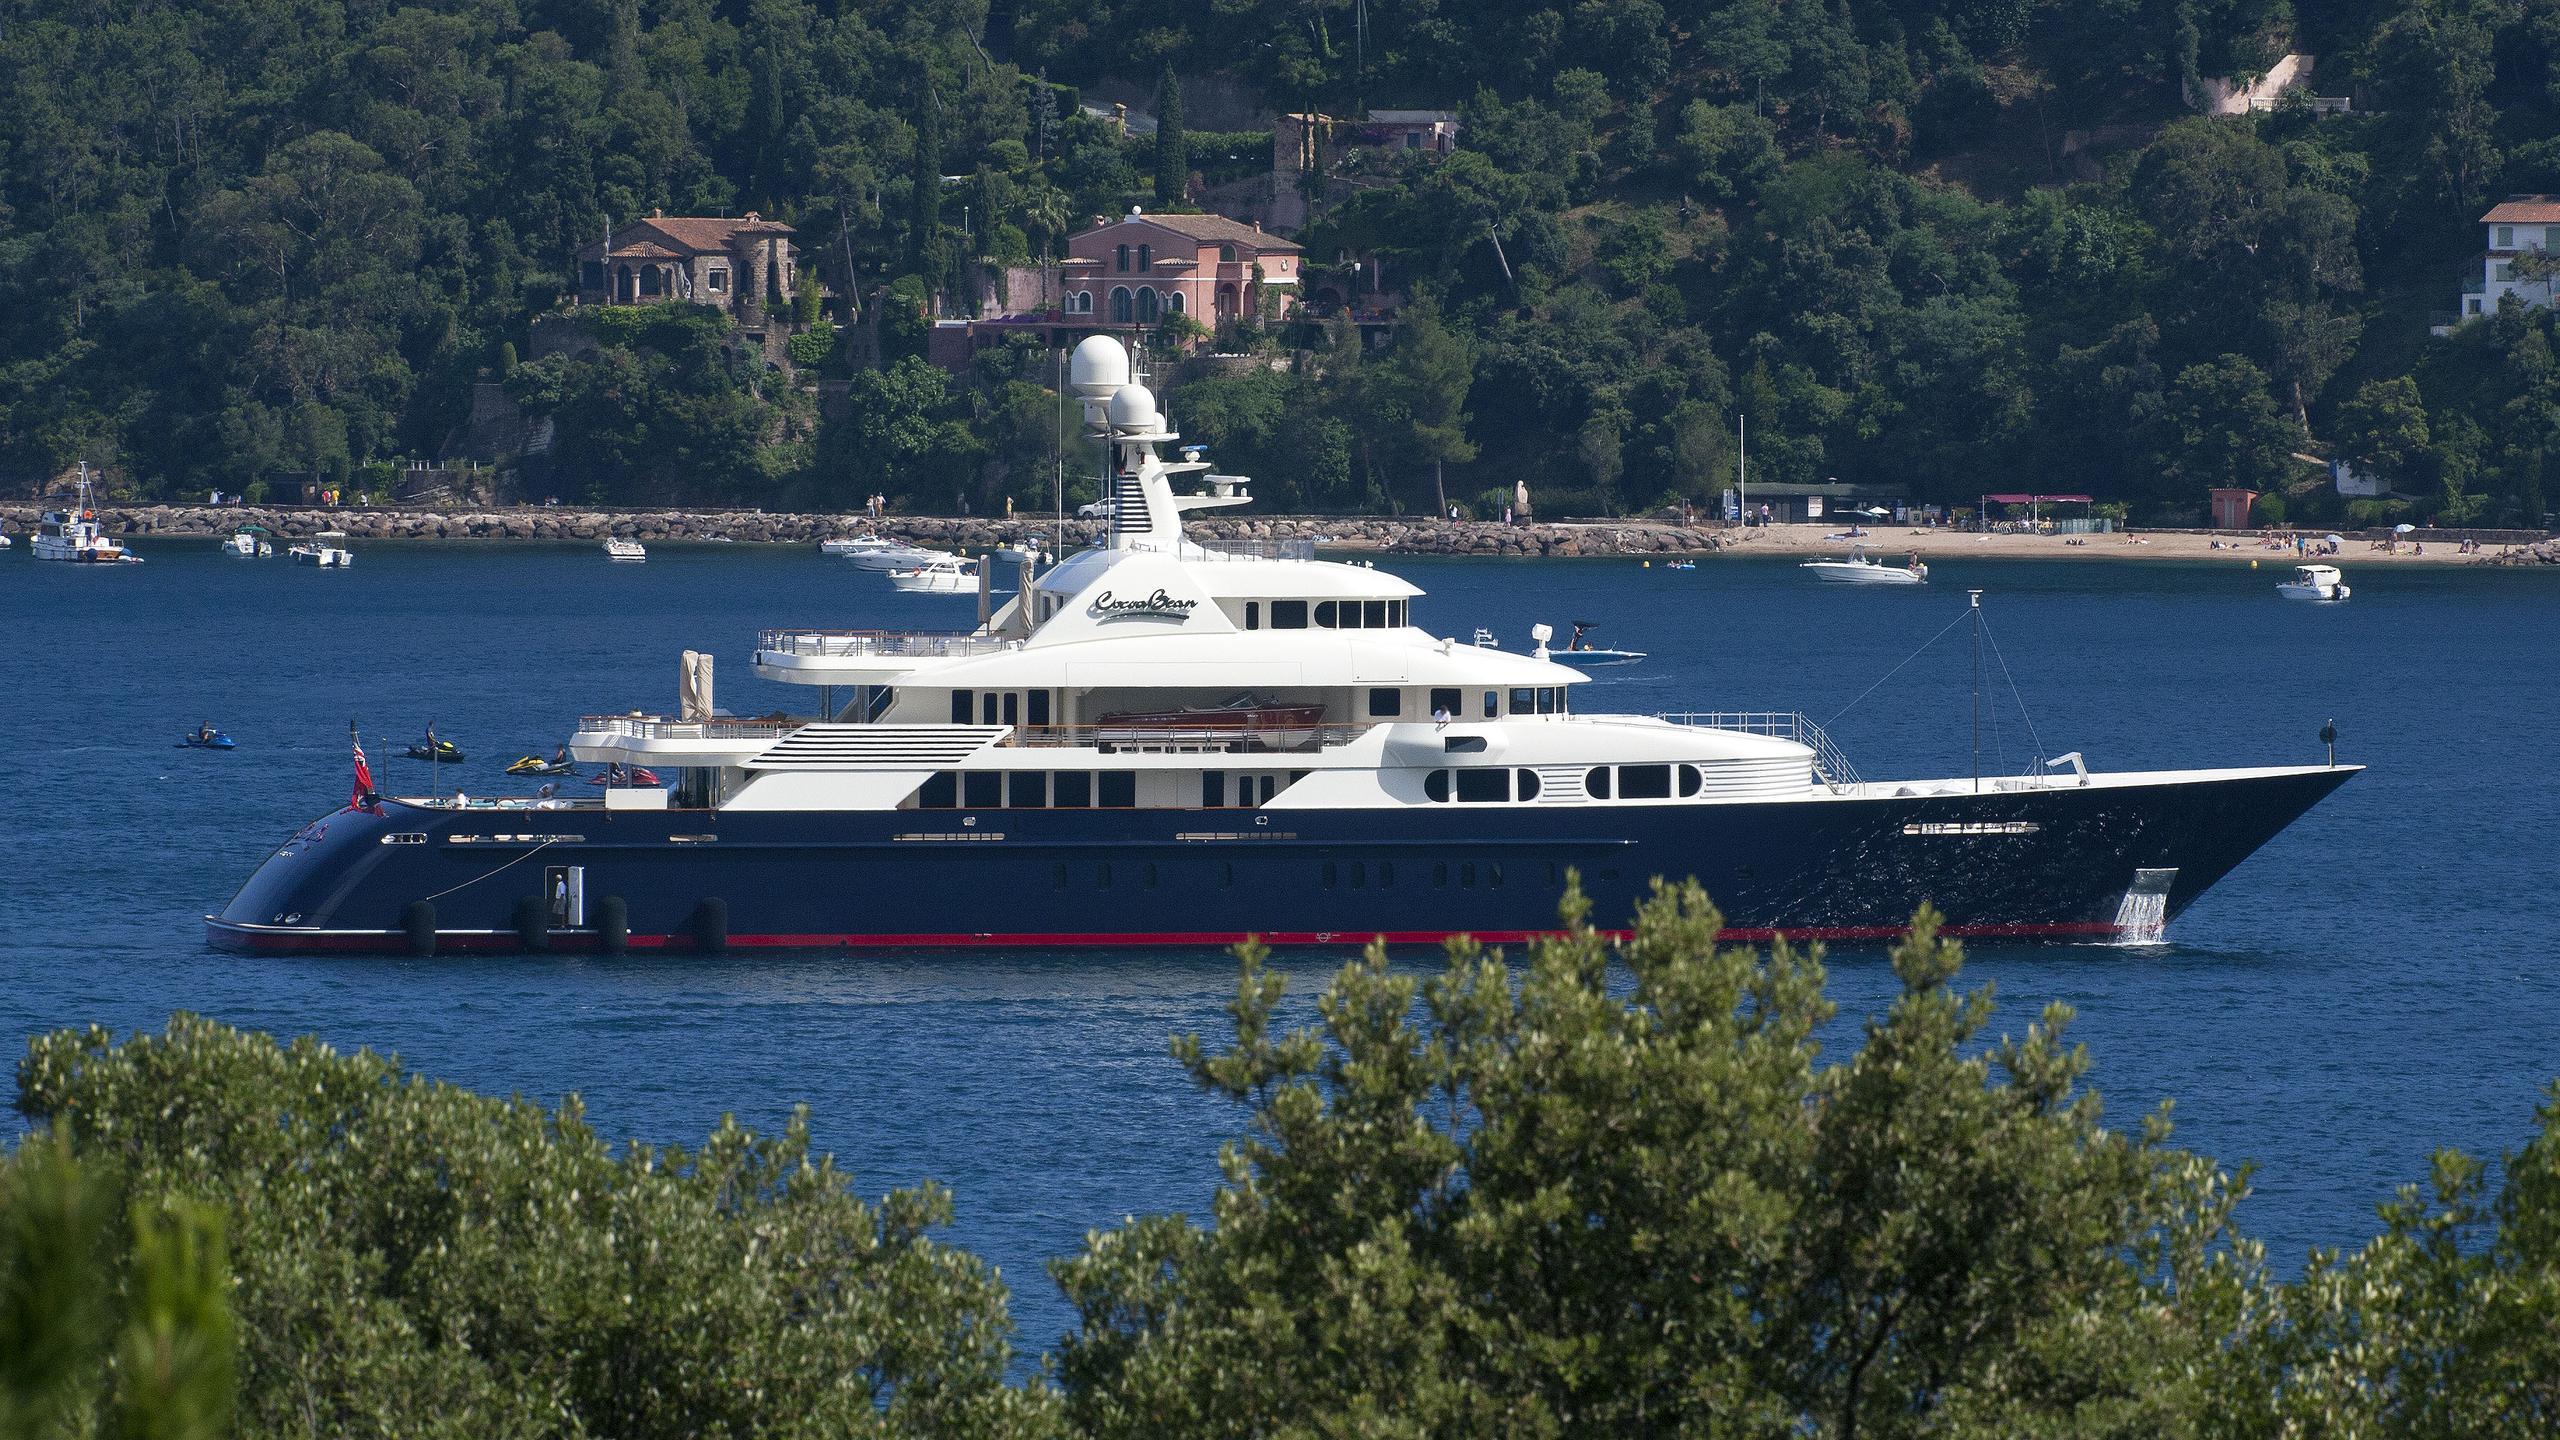 cocoa-bean-motor-yacht-trinity-2013-47m-profile